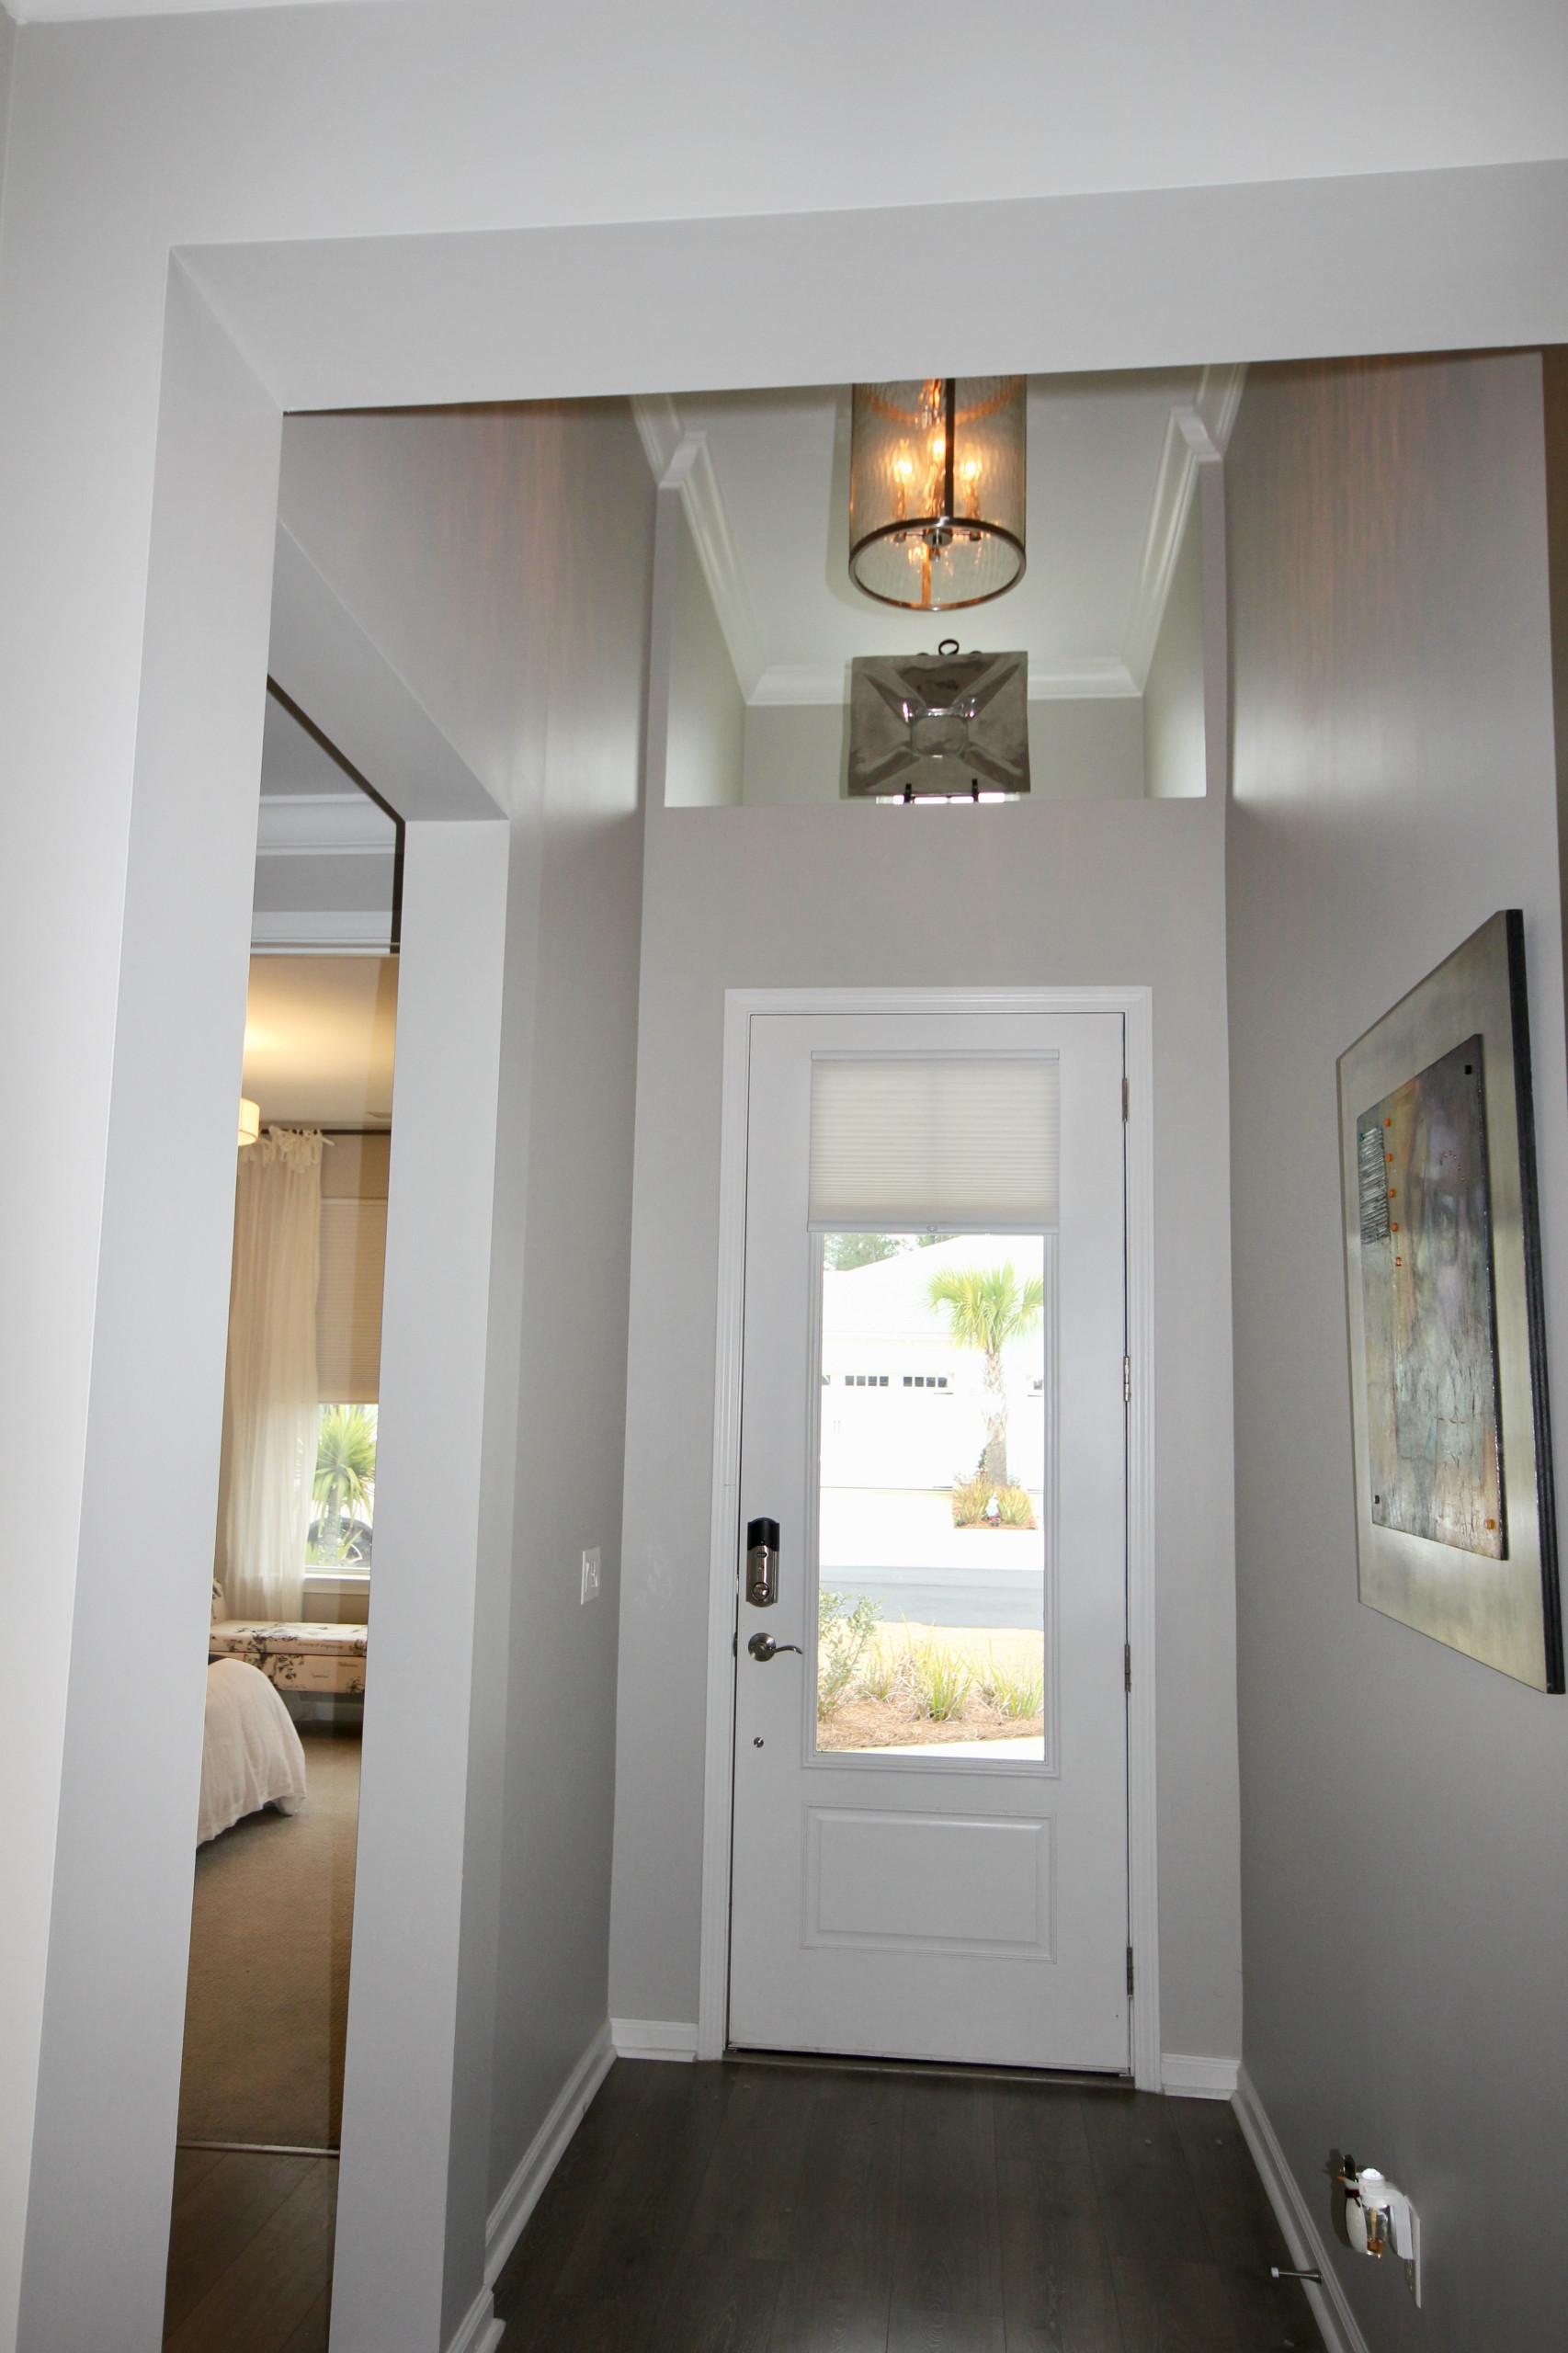 Margarittaville Design Entry